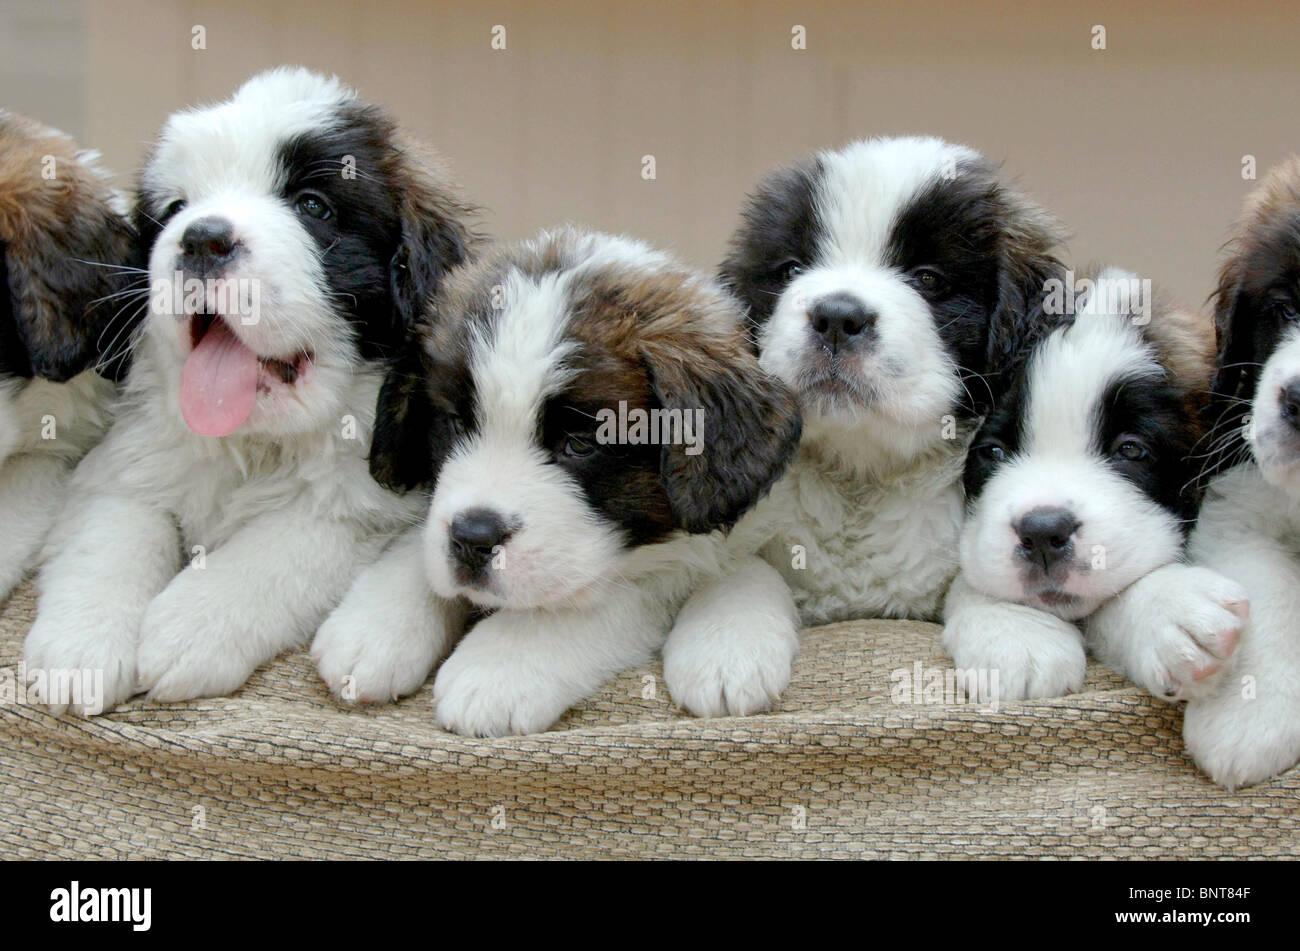 St Bernard puppies: a record litter of 13 puppies born near Stock